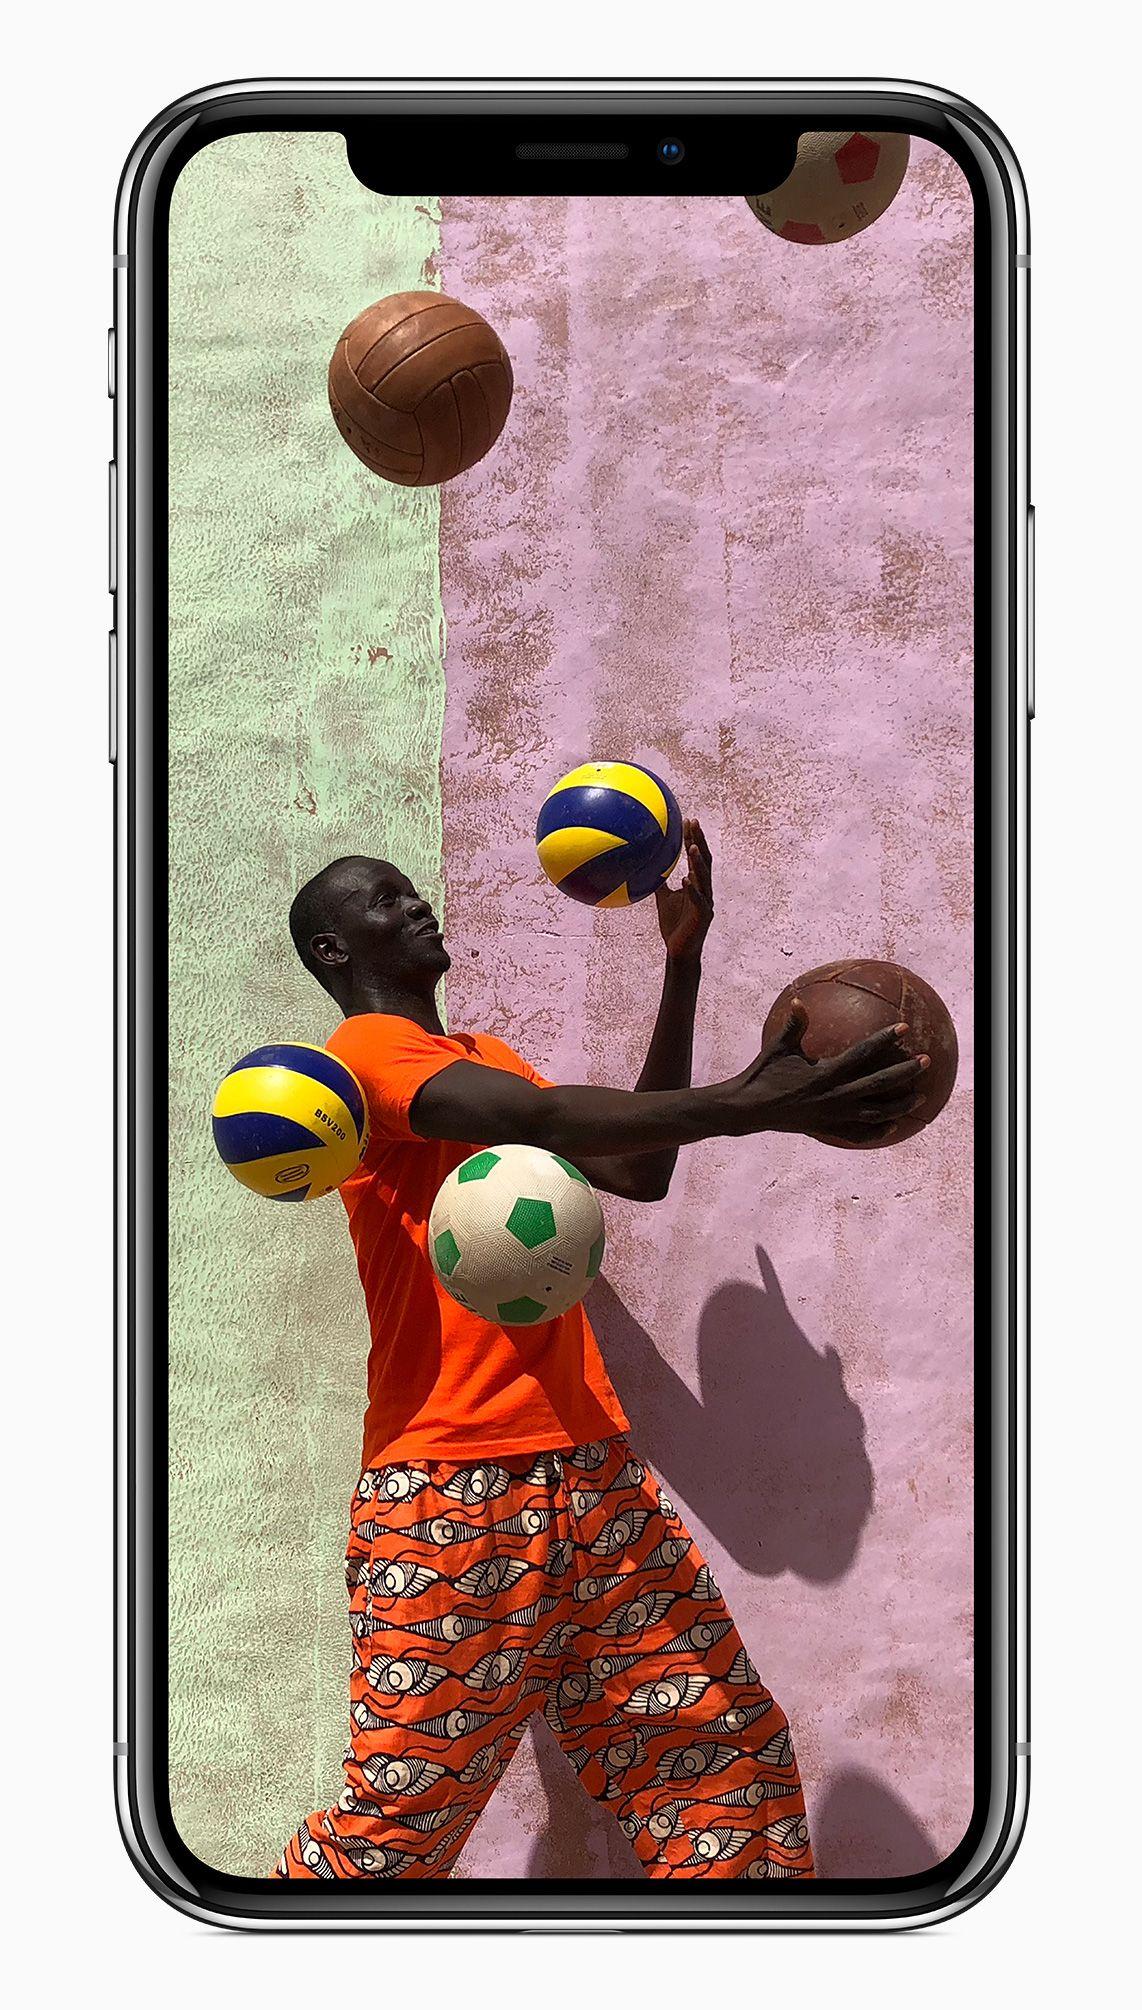 iphonex_front_vibrant_camera